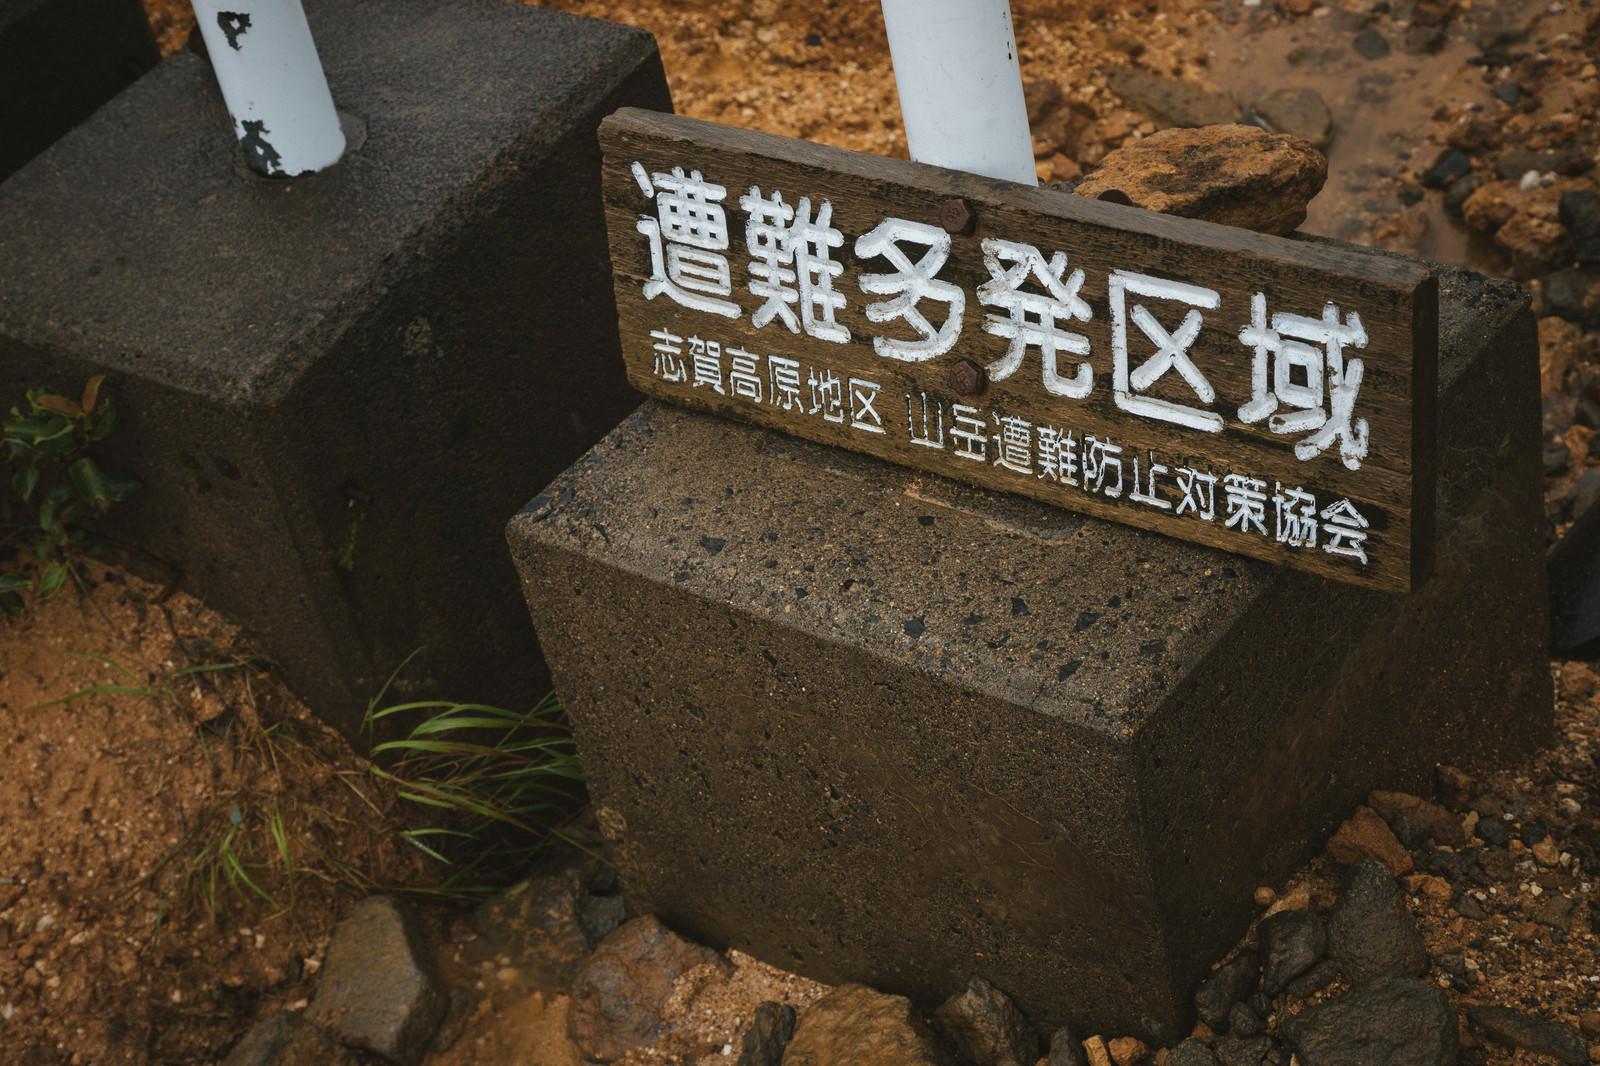 「小串鉱山入口に設置された「遭難多発区域」の看板」の写真